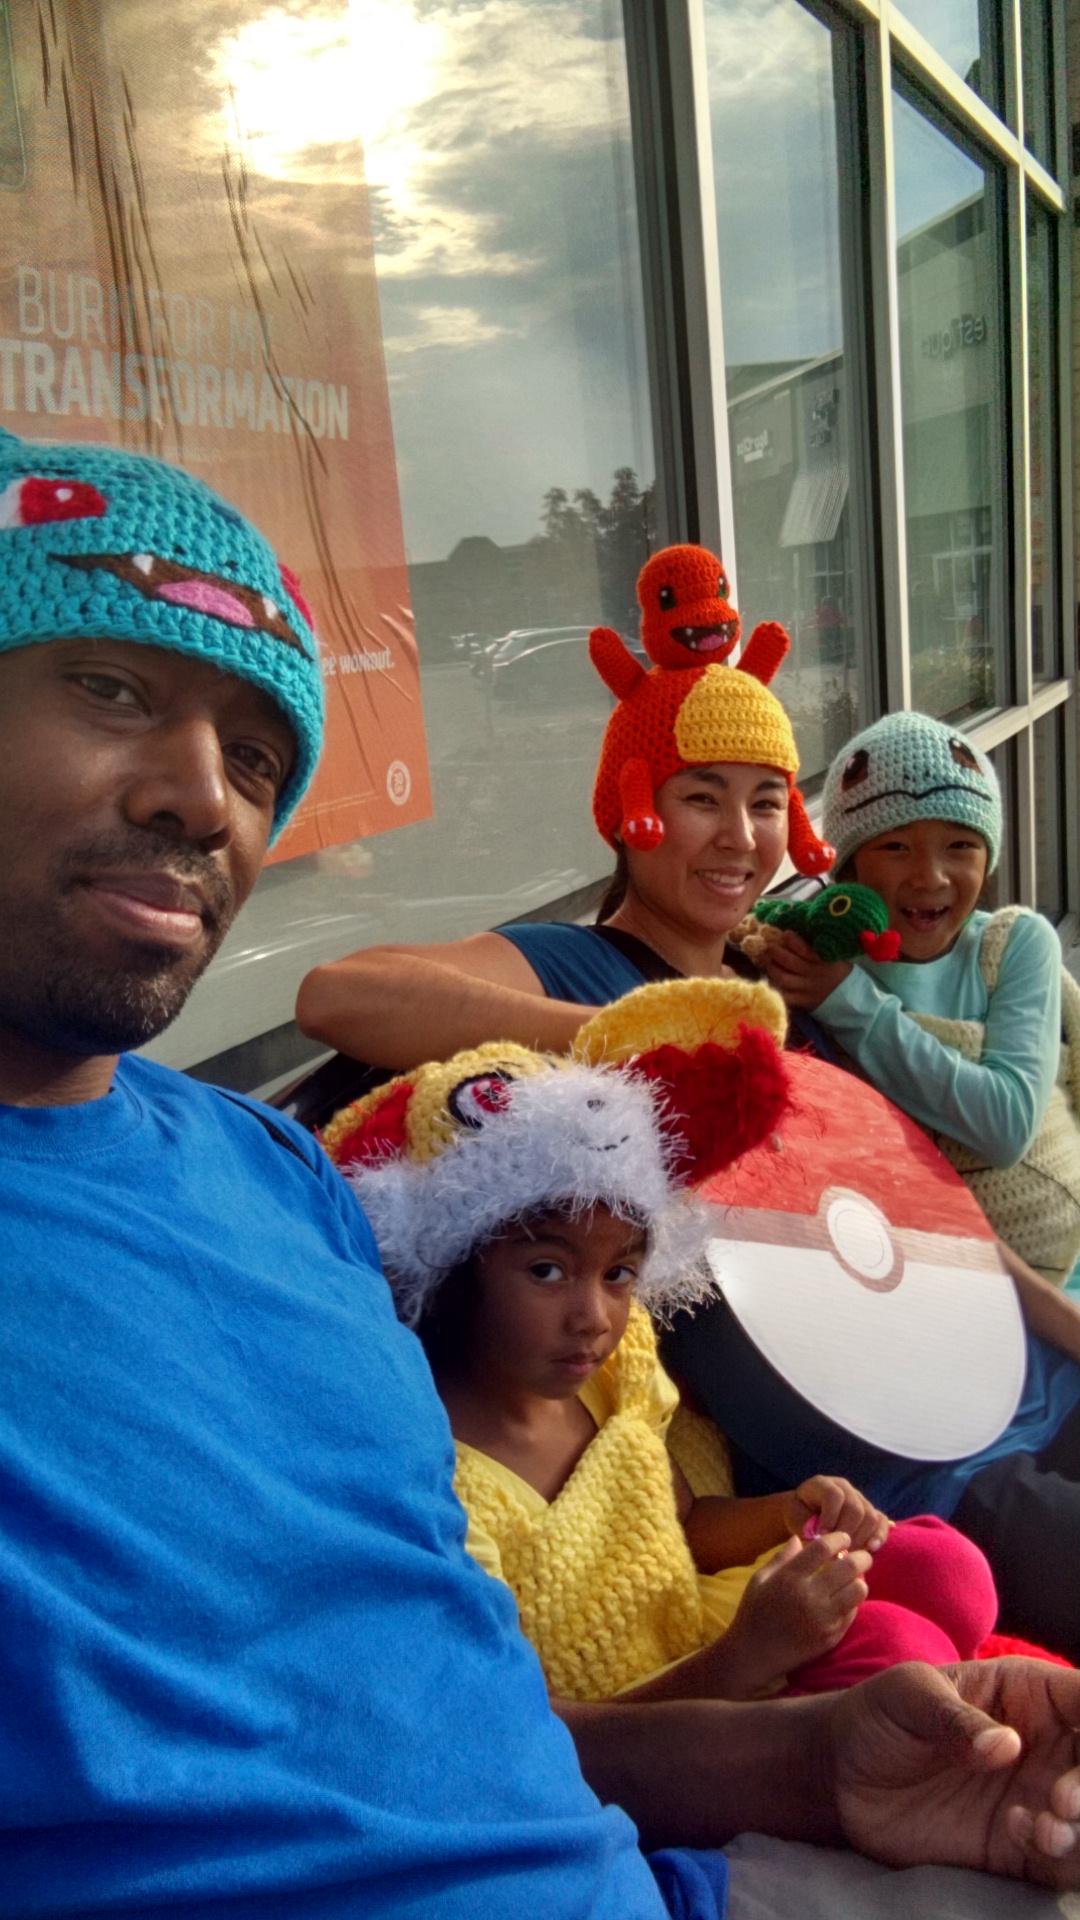 Crocheted Pokemon Family